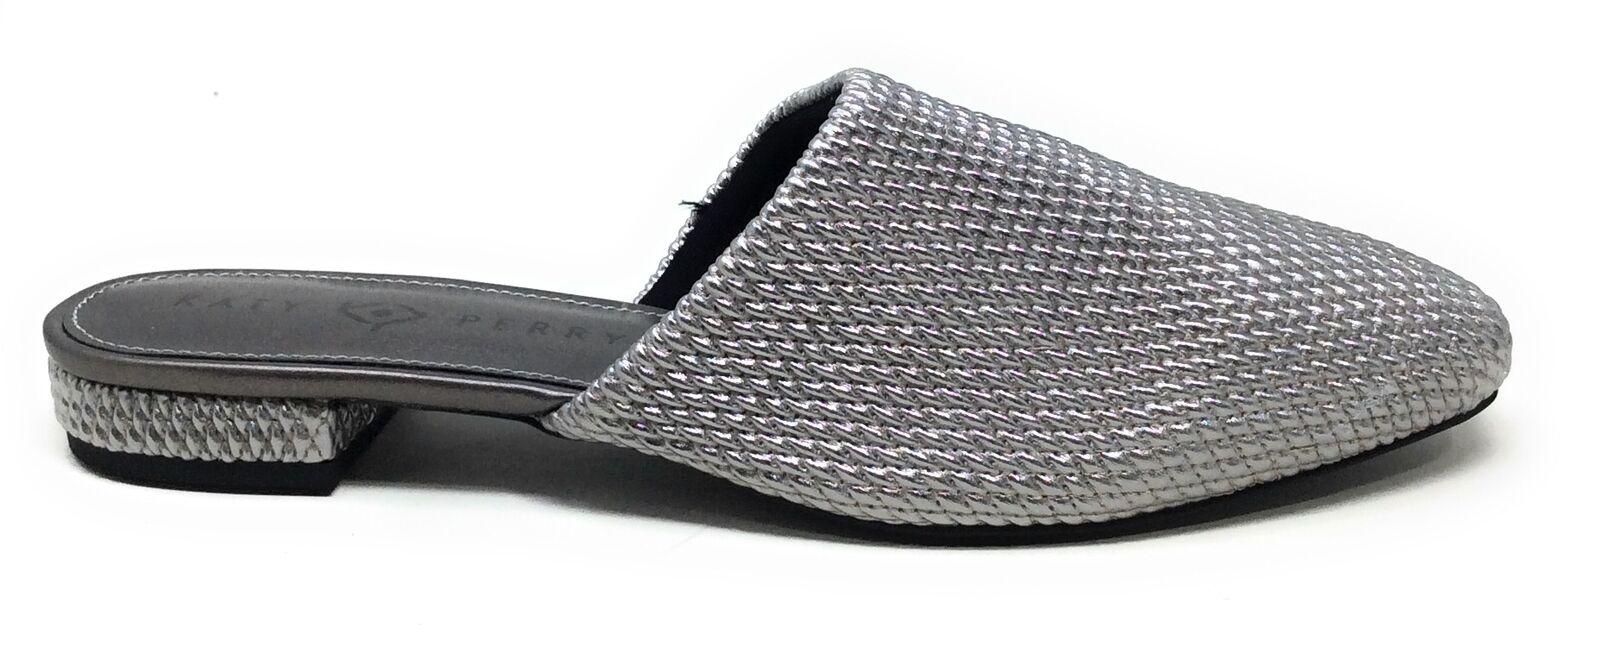 Katy Perry Damen Marcy Gewebt Pantoffeln Spitz Flach Metallisch Größe 9 M US